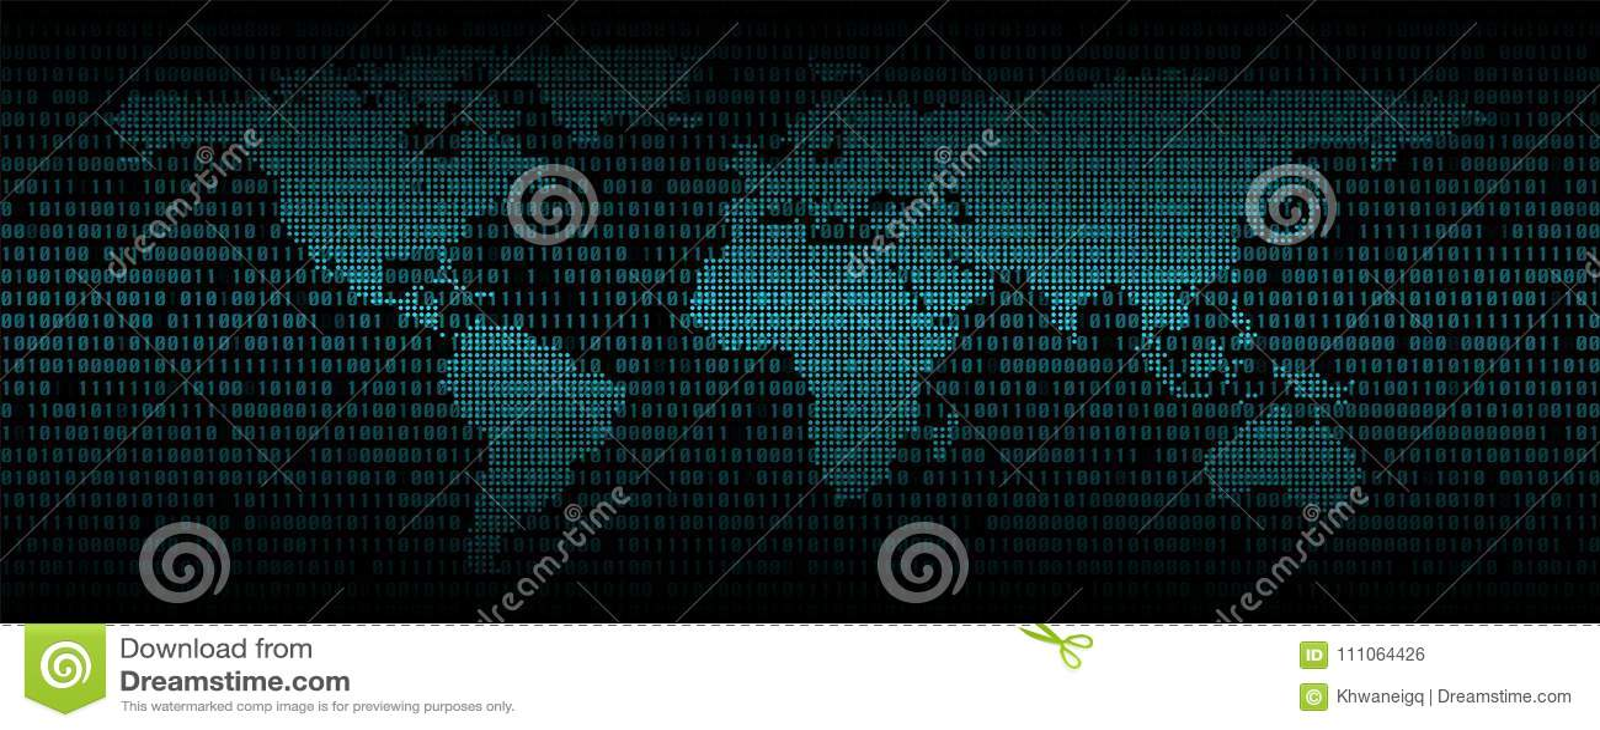 Αφηρημένο υπόβαθρο δυαδικού κώδικα, ψηφιακός κώδικας επικοινωνίας